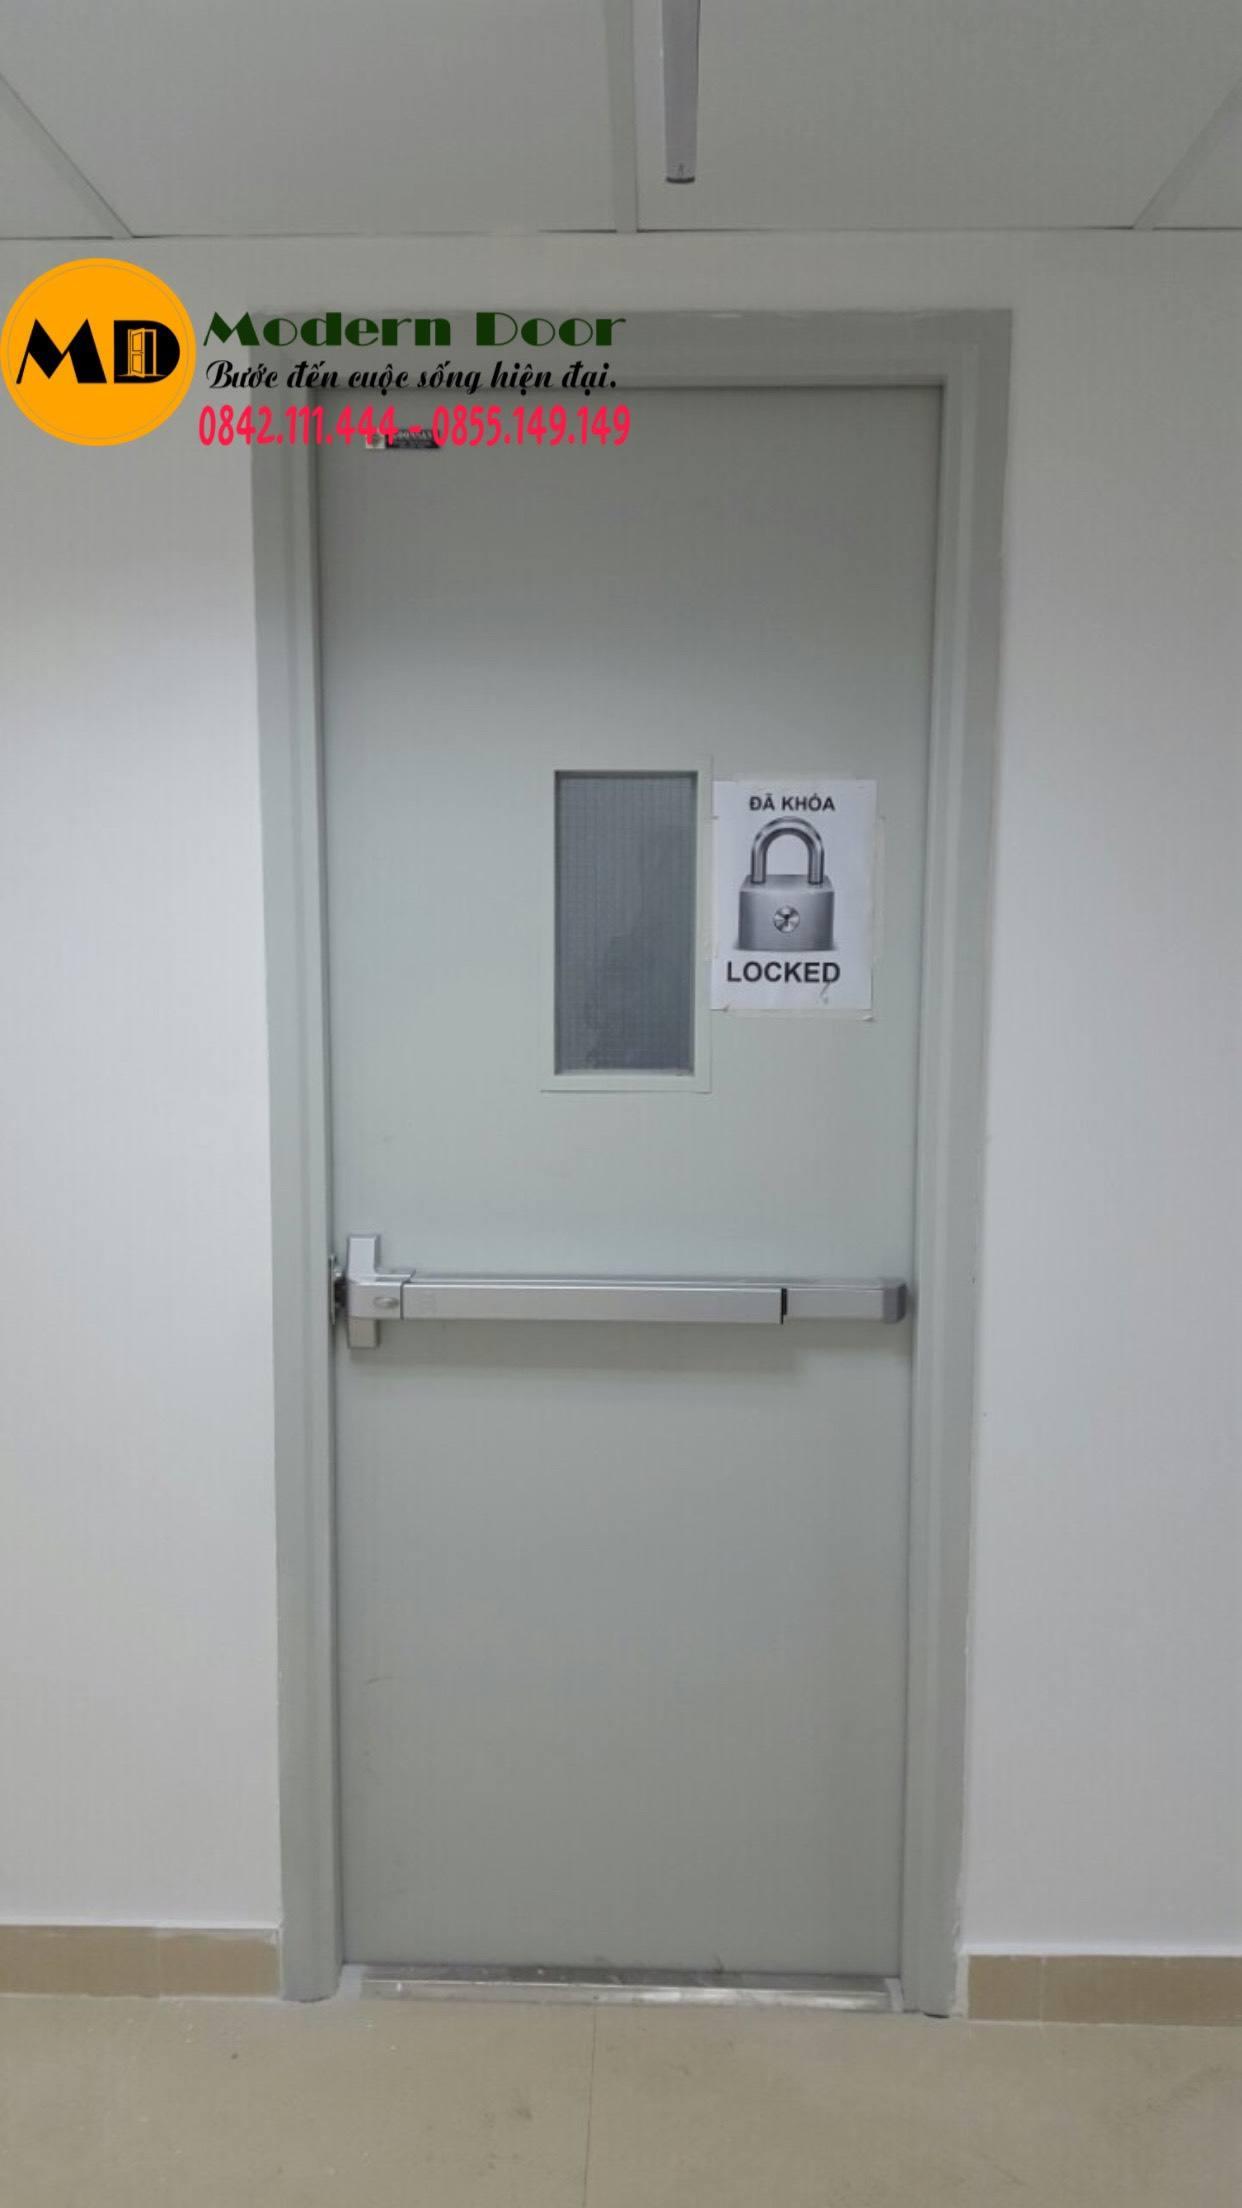 Cửa thép chống cháy uy tín nhất tại Modern Door